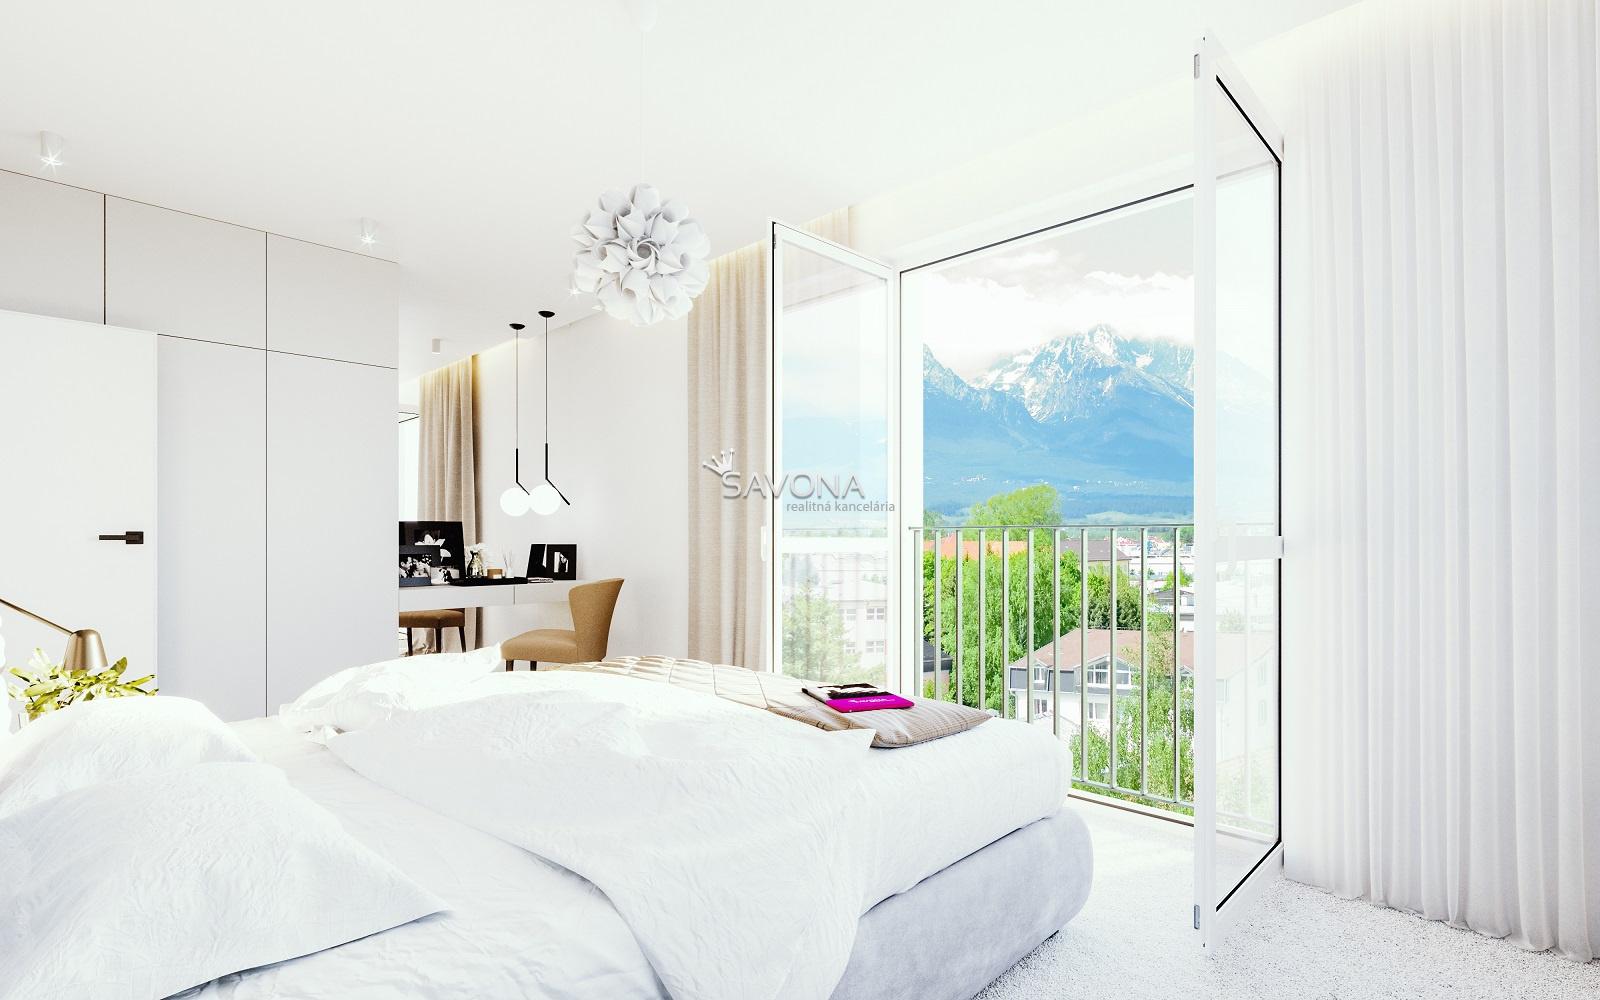 URSUS - 3 izbový byt B6 - 74,52 m2 + balkón 5,36 m2